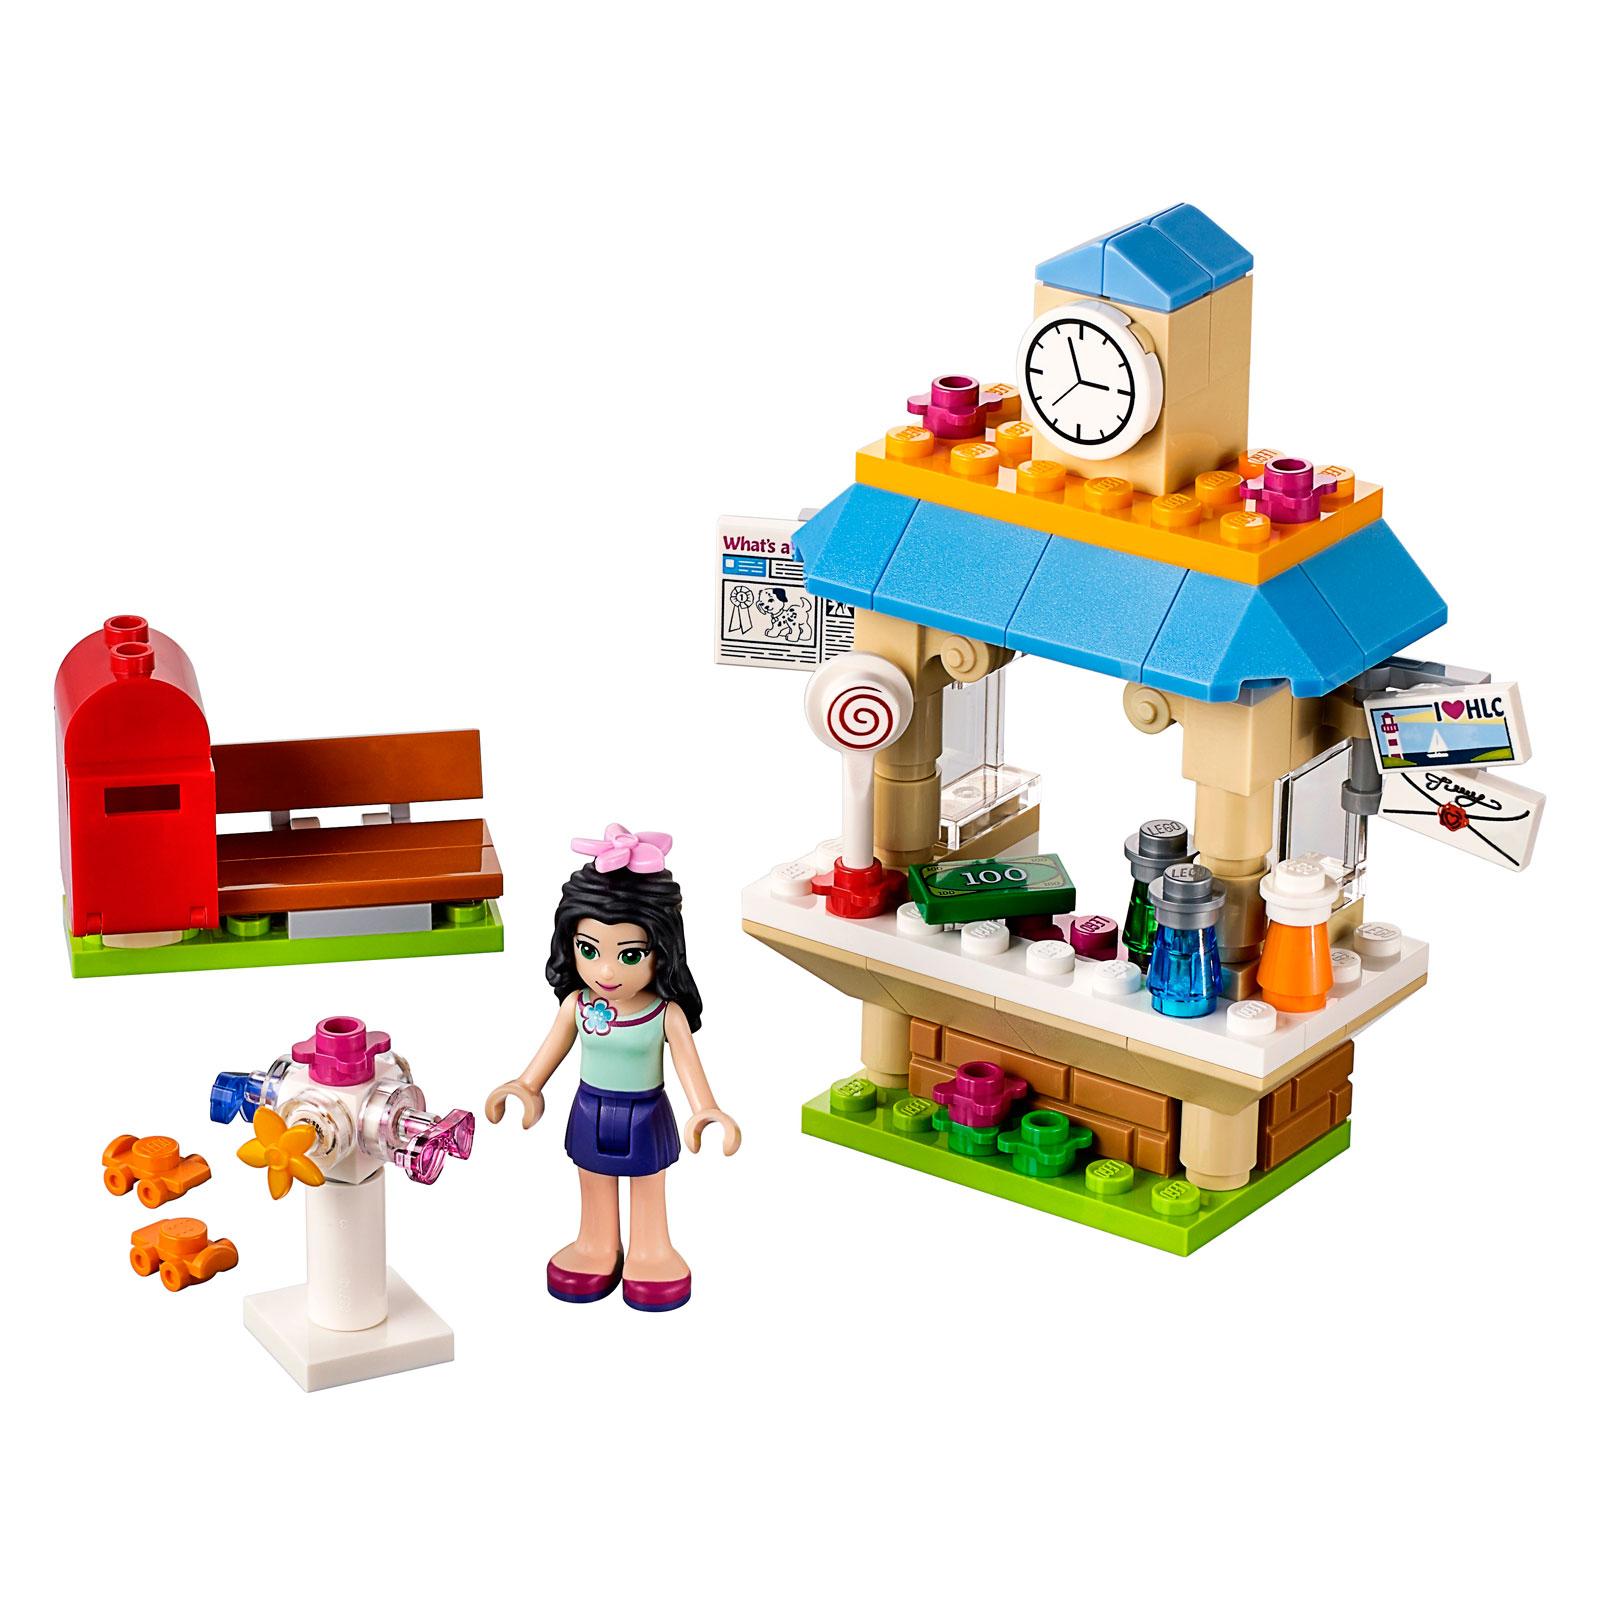 Конструктор LEGO Friends 41098 Туристический киоск Эммы<br>